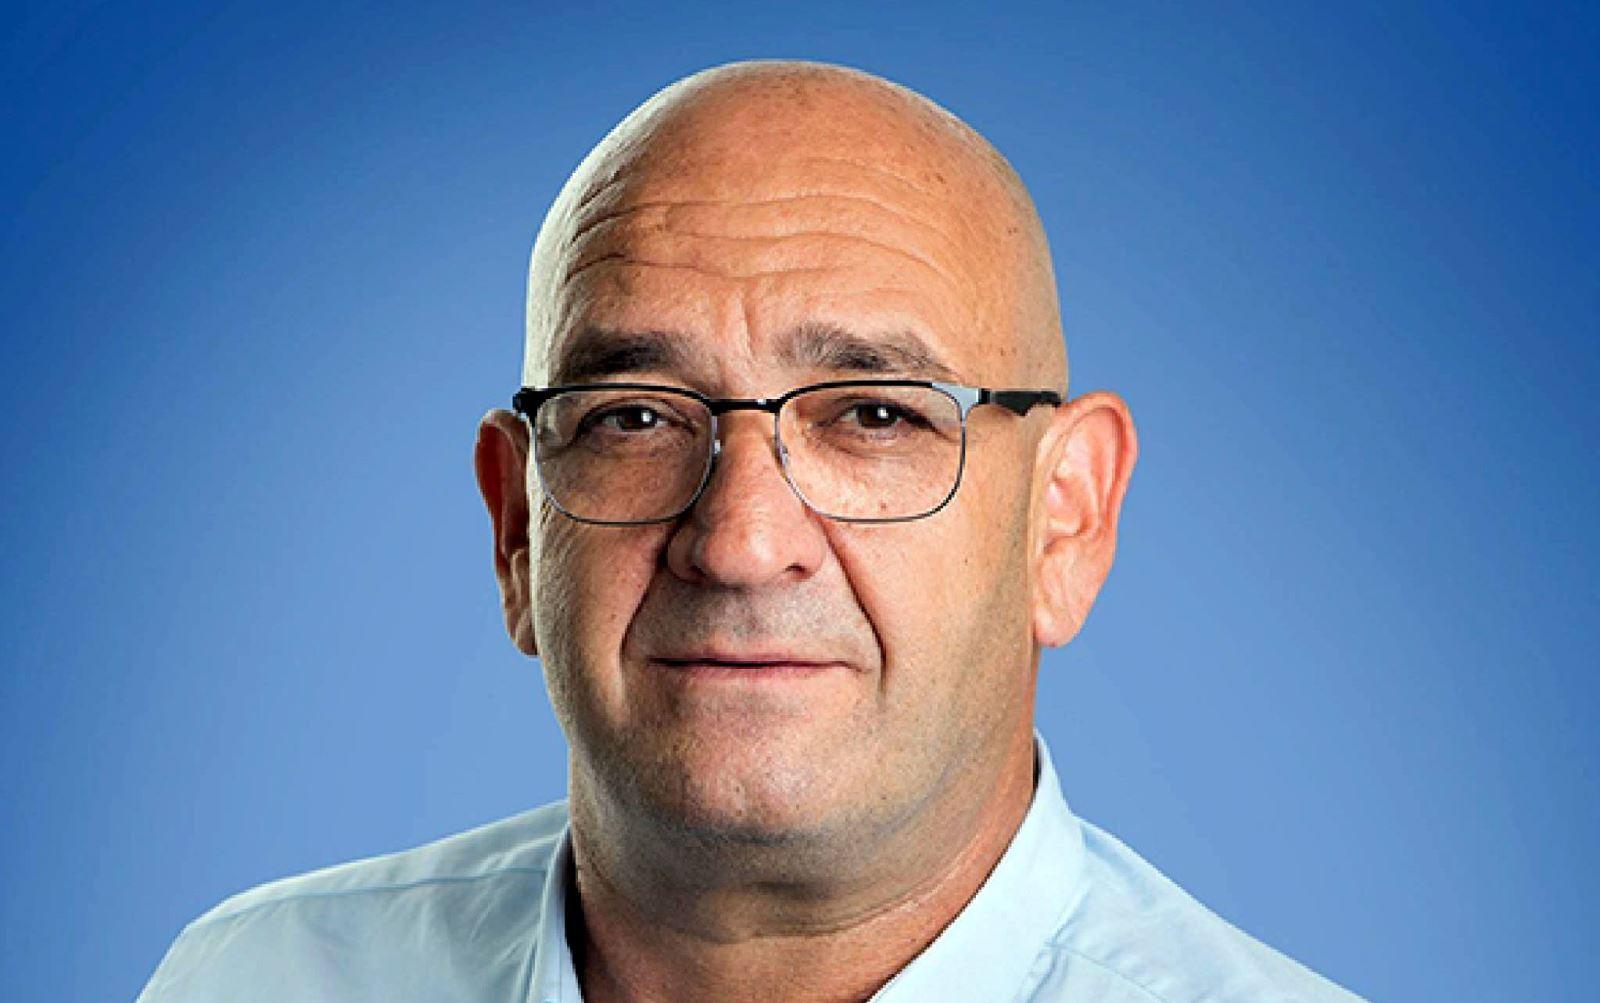 חבר המועצה שלמה ביטון: ''לא אגיע לטקס יום אילת שהפך לקרקס פוליטי''